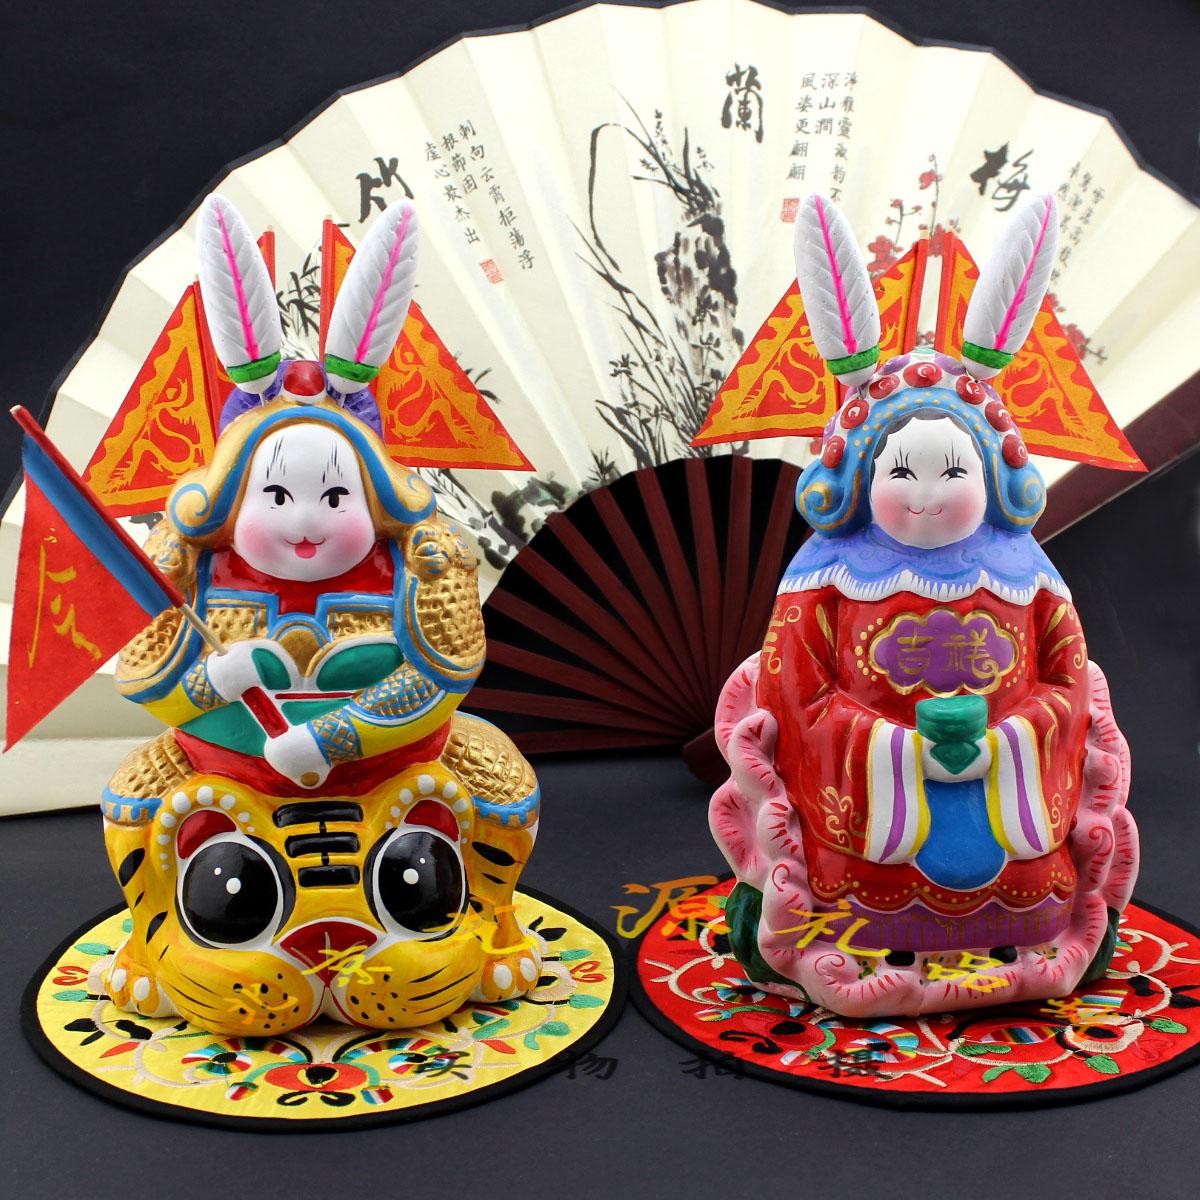 老北京兔儿爷吉兔坊大号祥灵虎兔爷传统手工泥塑摆件 包邮